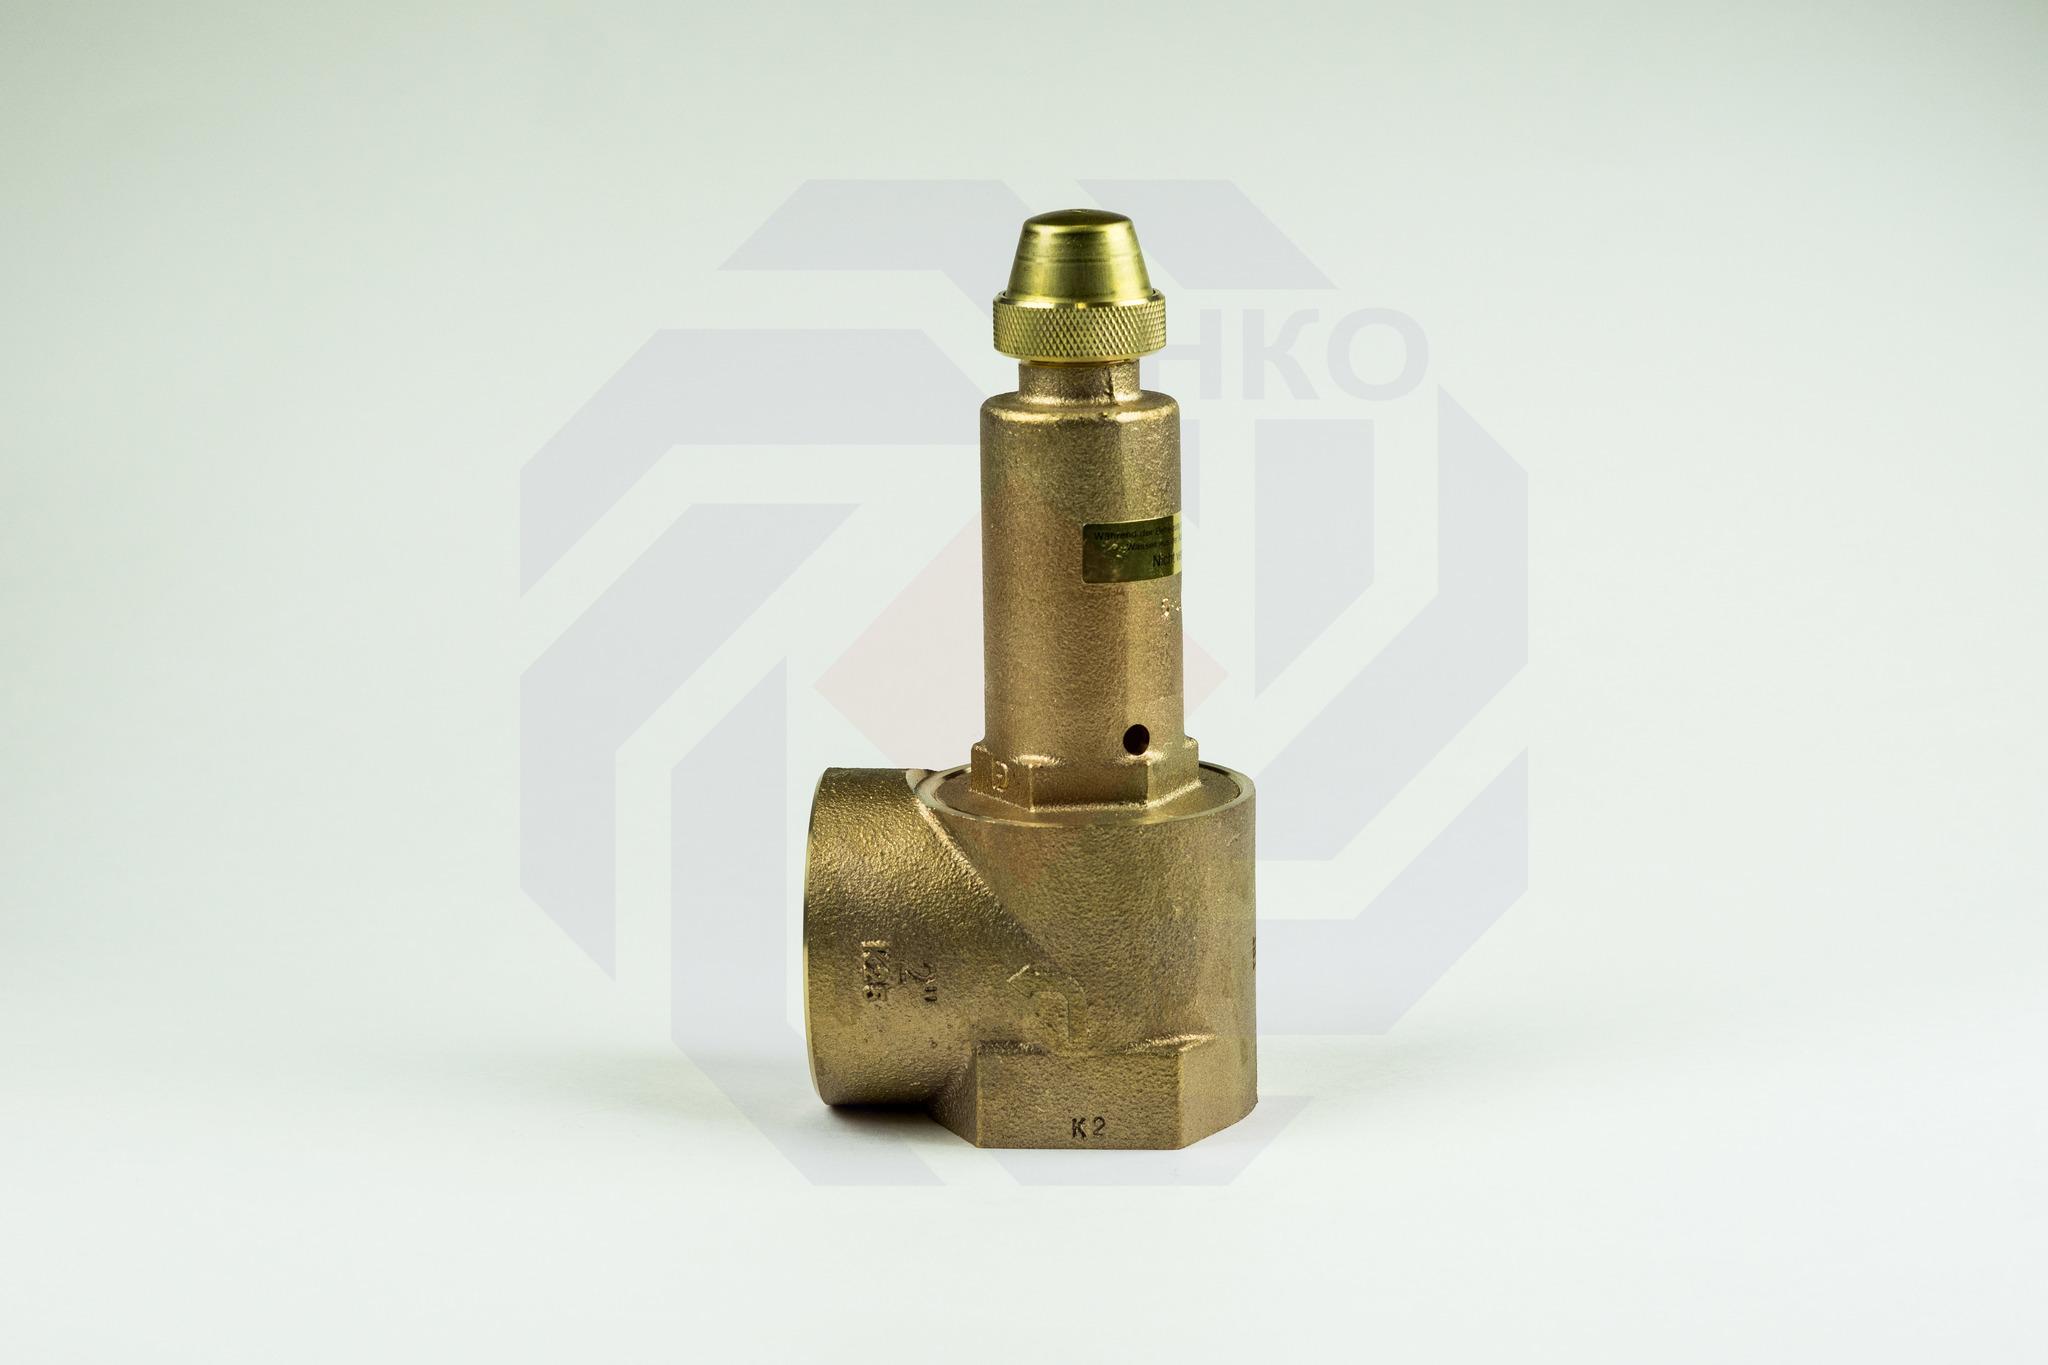 Клапан предохранительный GOETZE 651mWIK 6 бар 2